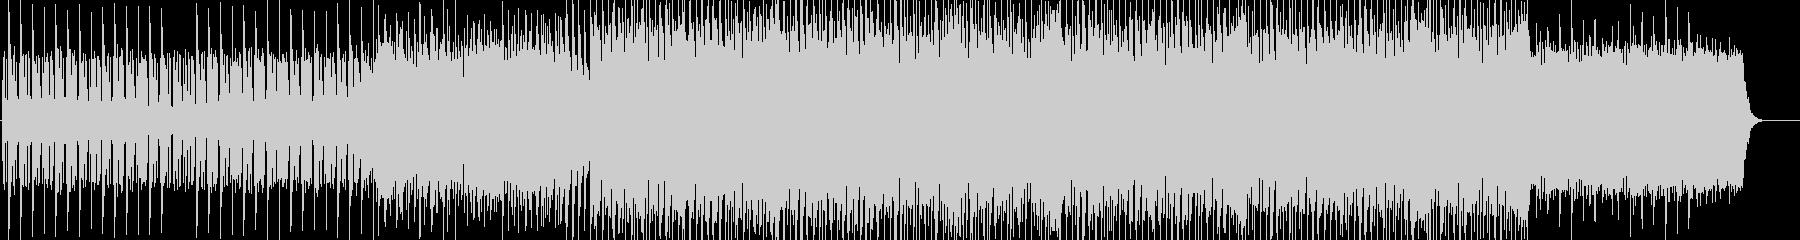 ビートの効いたメリハリある曲の未再生の波形